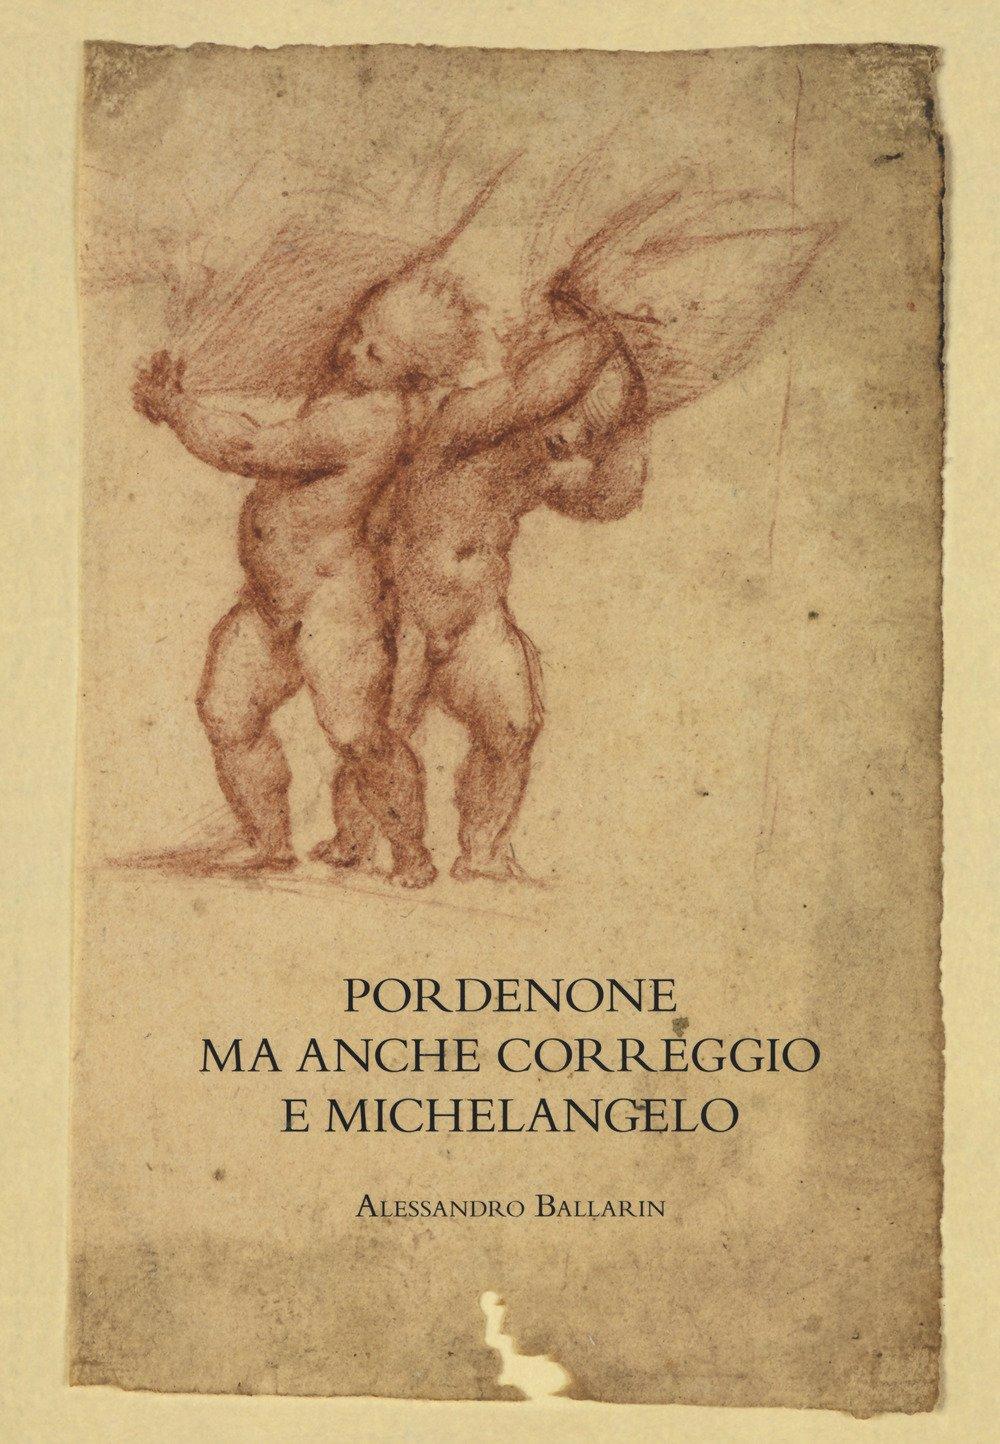 Pordenone ma anche Correggio e Michelangelo